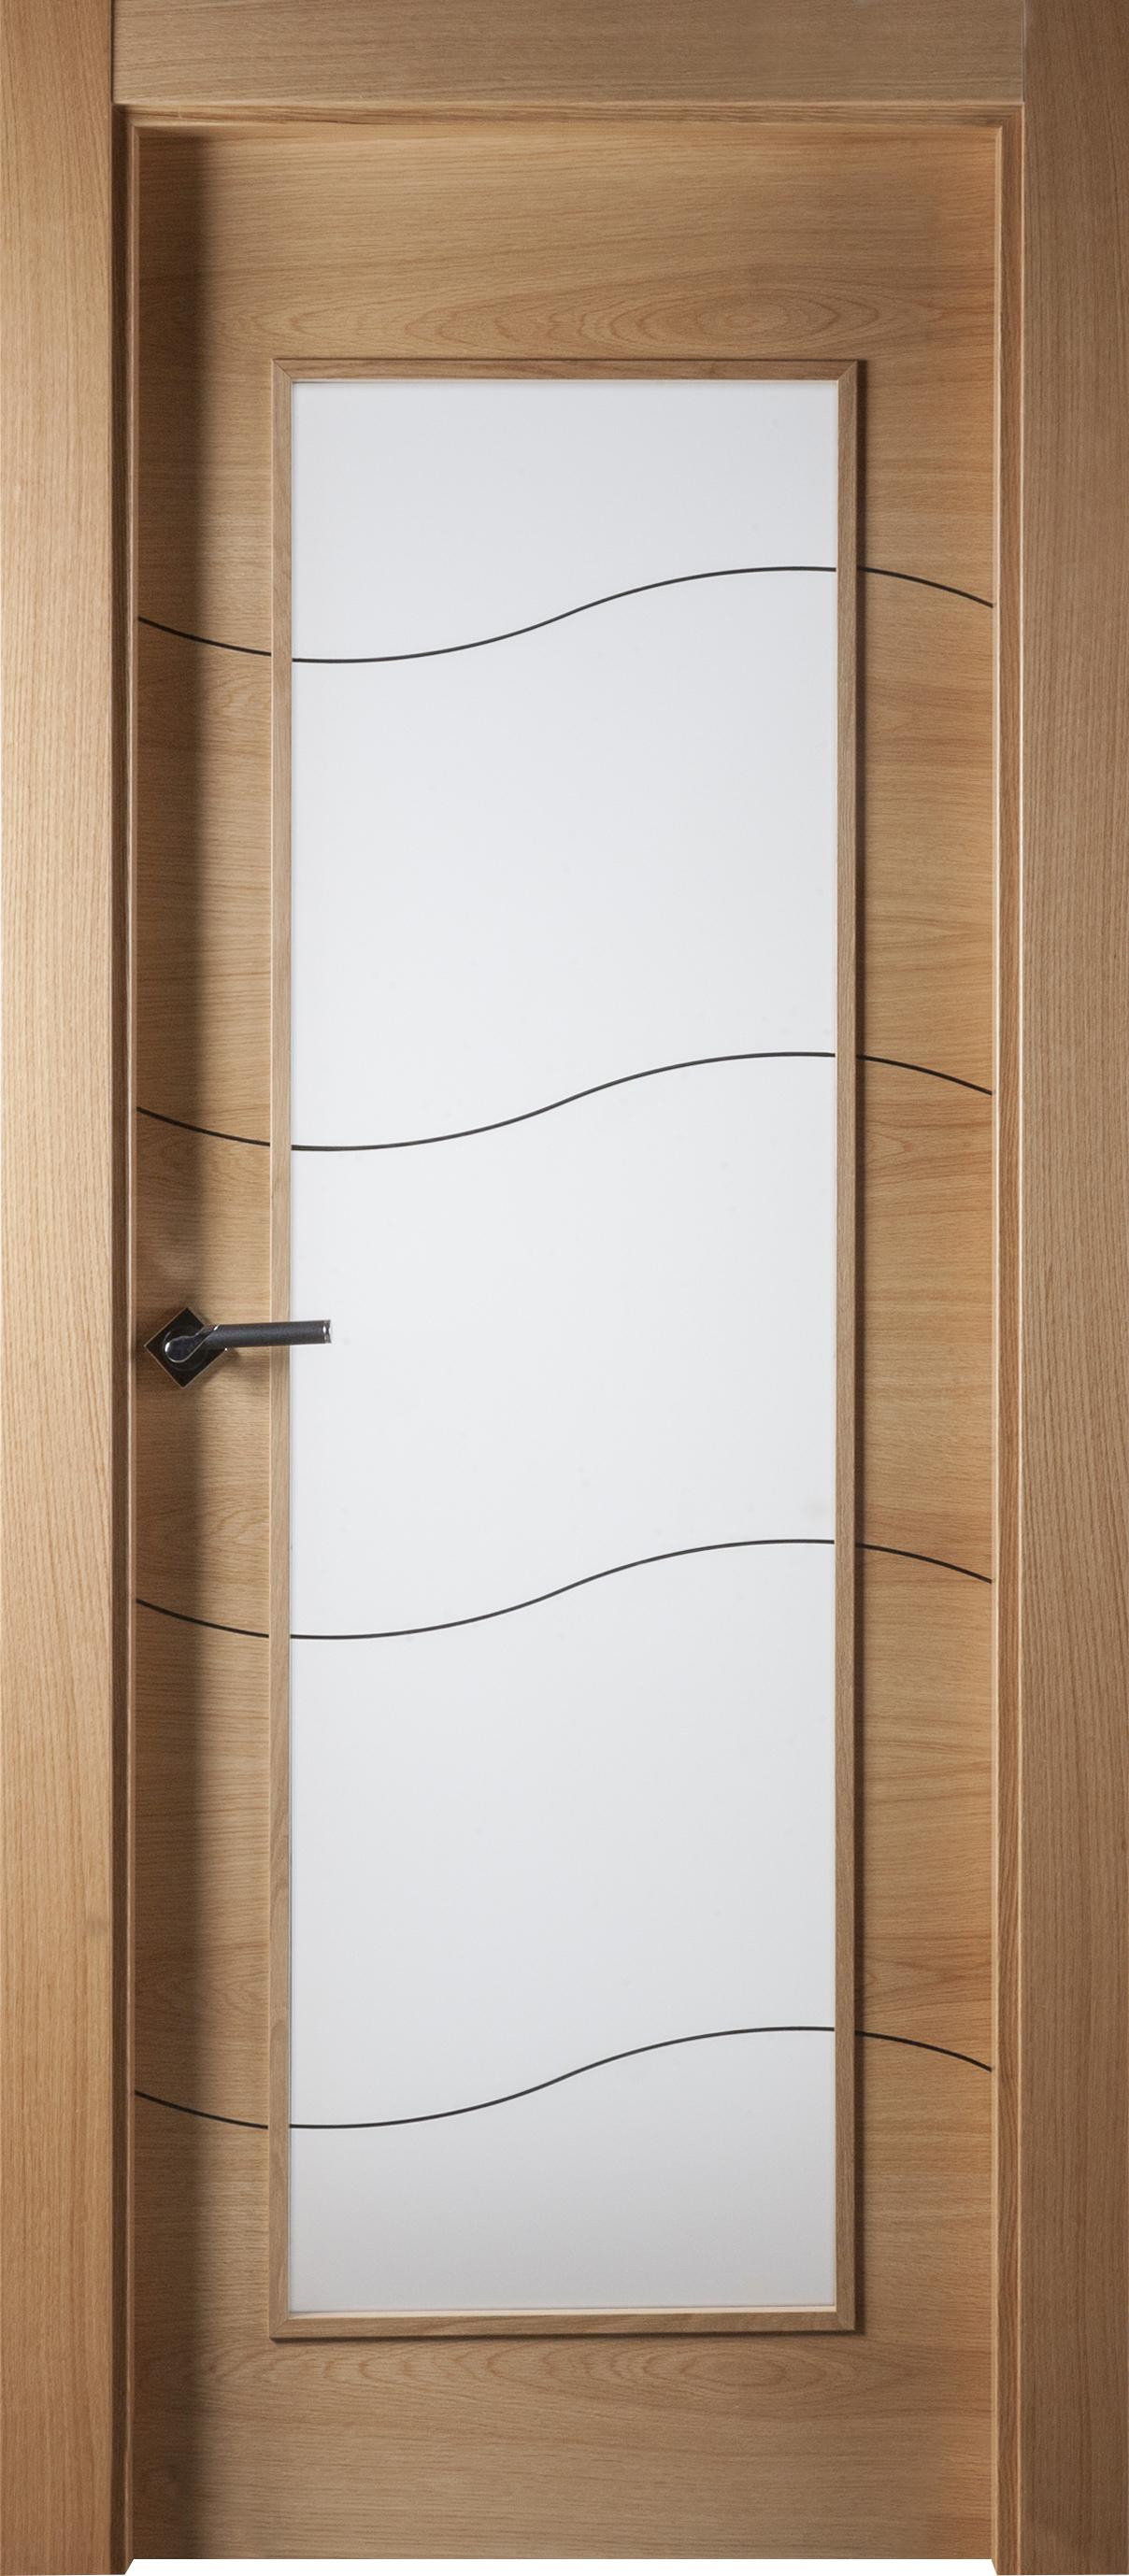 Puerta de madera uniarte vmct5 n bricoteo puertas granada for Remate de puertas de madera